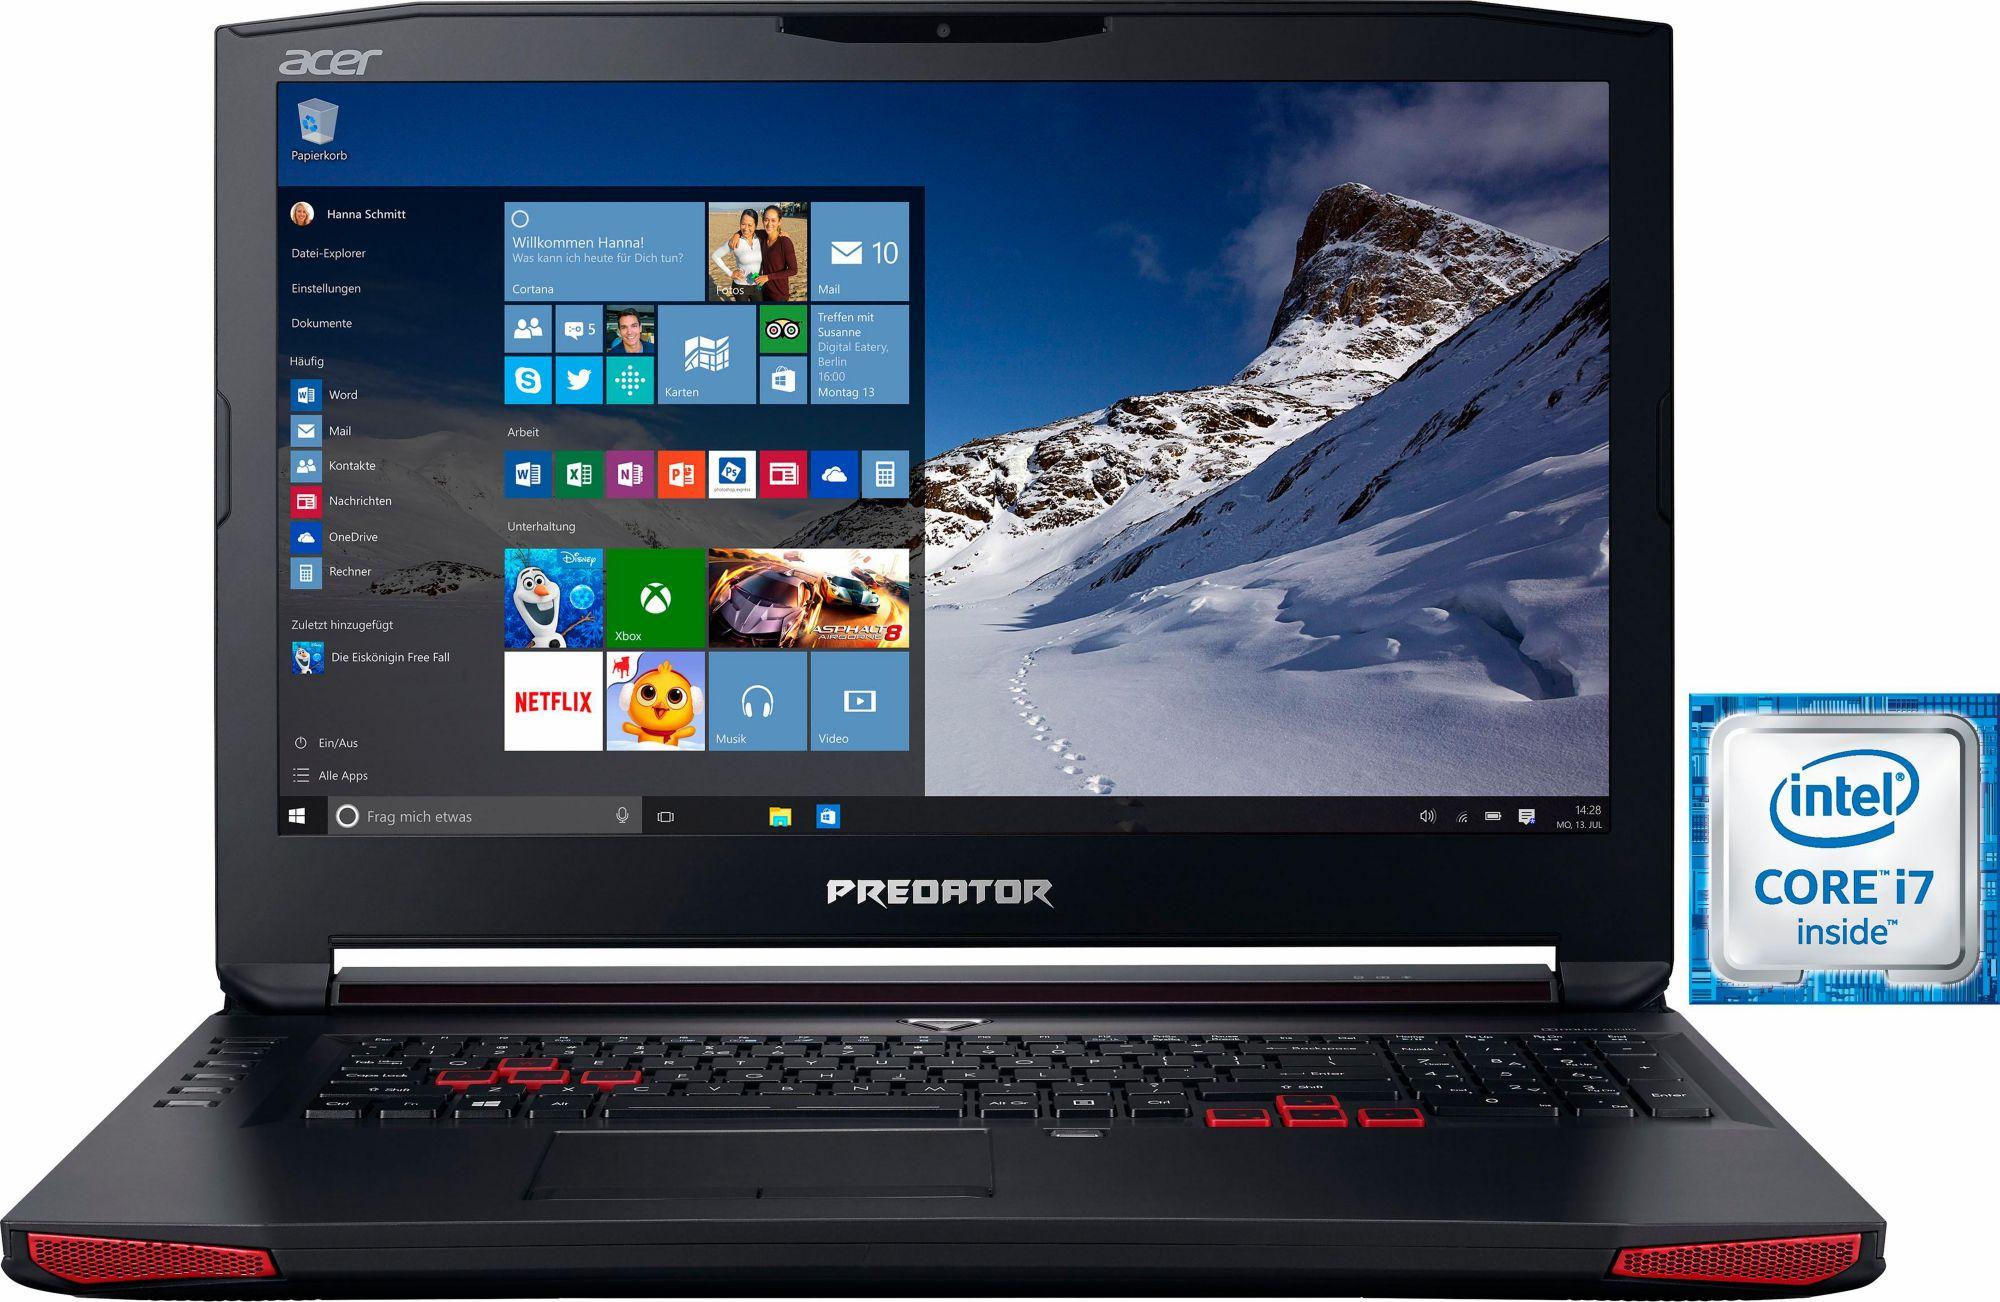 ACER Acer Predator 17 Notebook i7-7700HQ PCIe SSD matt Full HD GTX1070 Windows 10